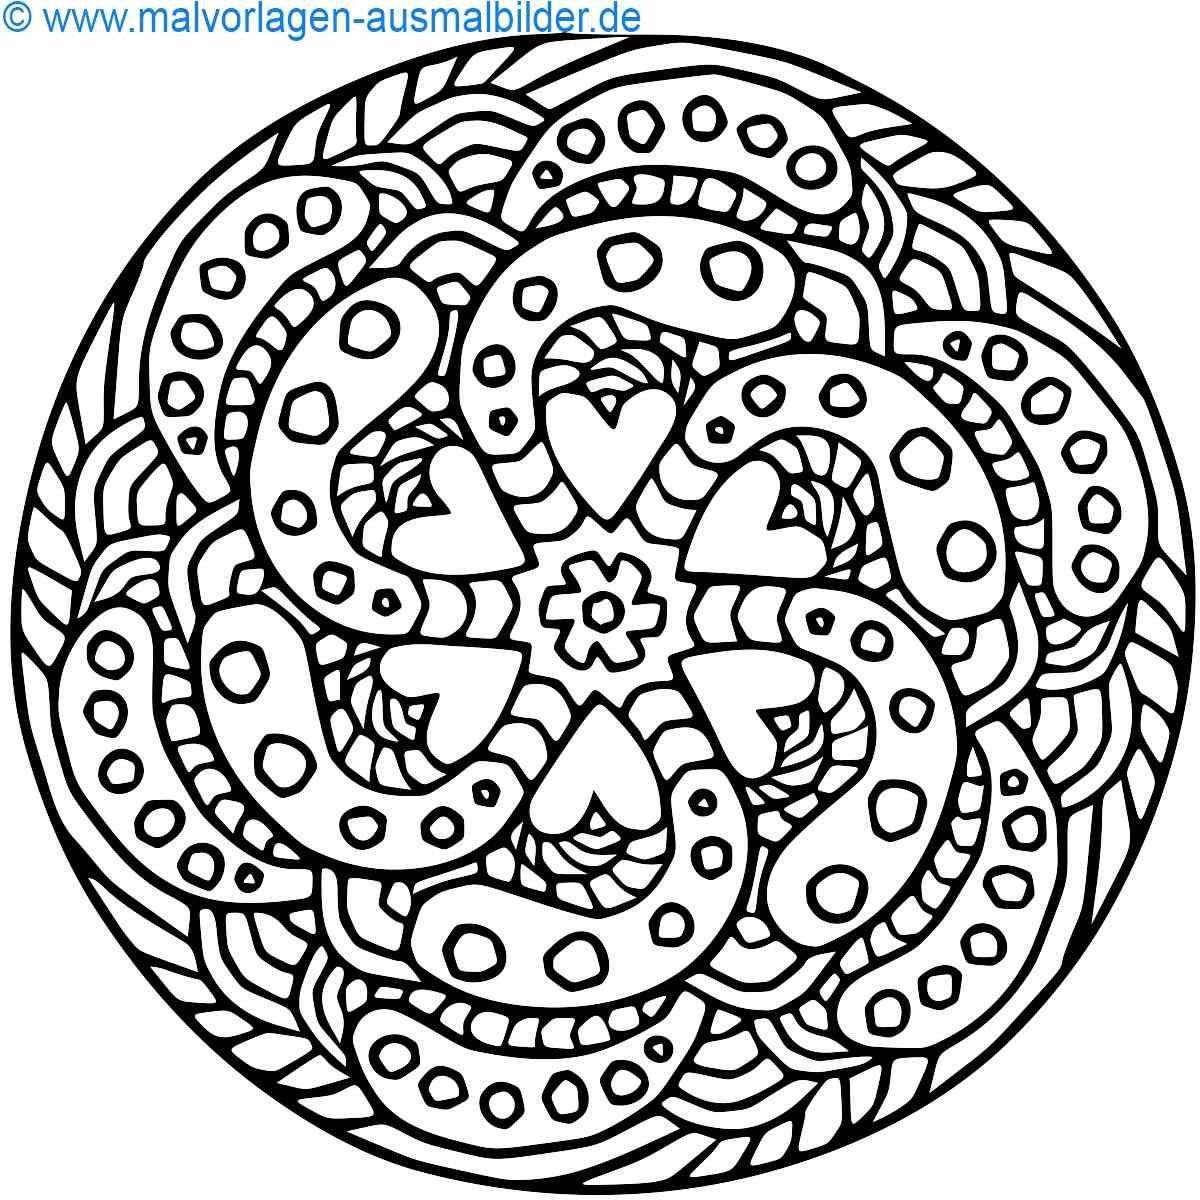 Ausmalbilder Mandala Herzen Das Beste Von Herz Malvorlagen Einfach Herz Mandalas Zum Ausdrucken – Malvorlagen Sammlung